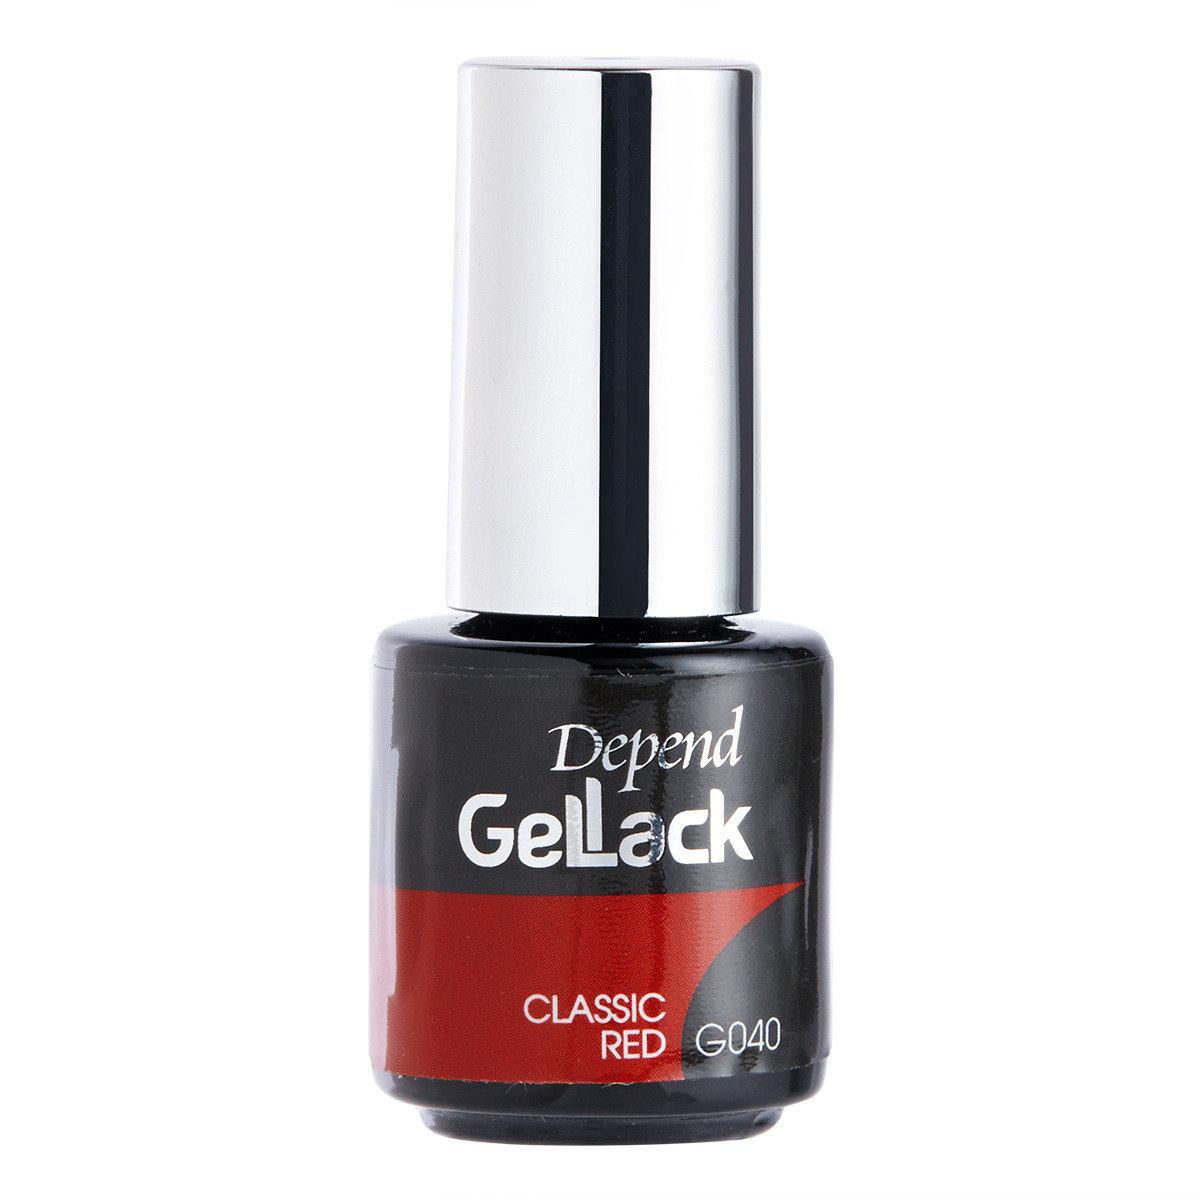 GELLACK指甲油-G040